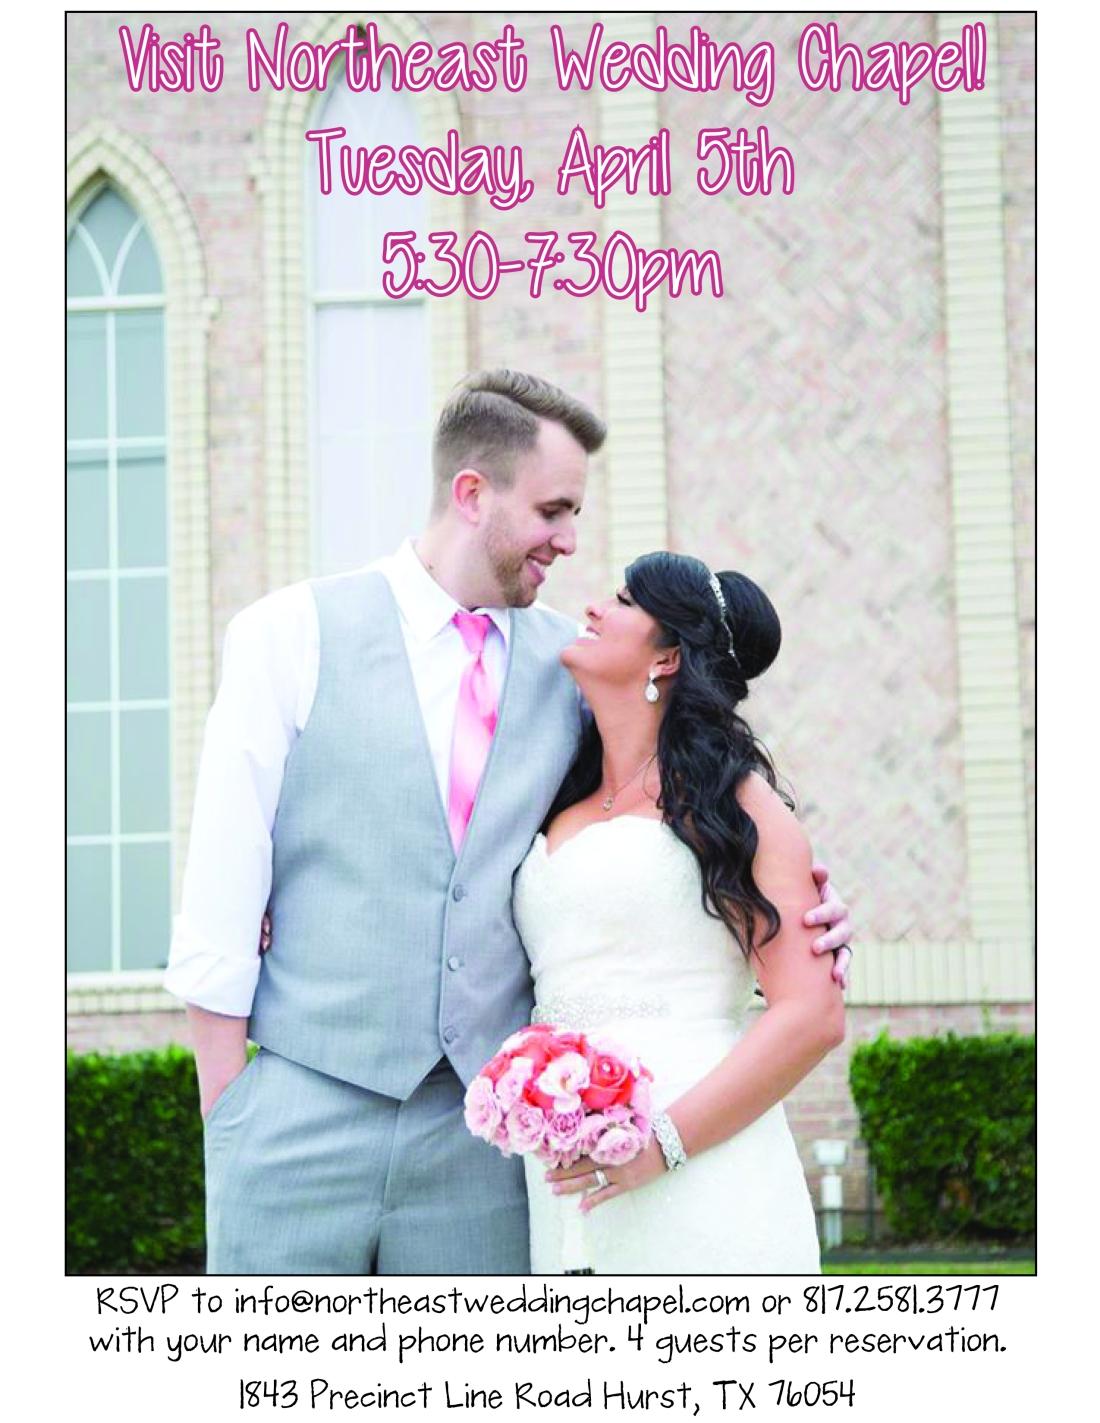 Northeast Wedding Chapel Open House Walters Wedding